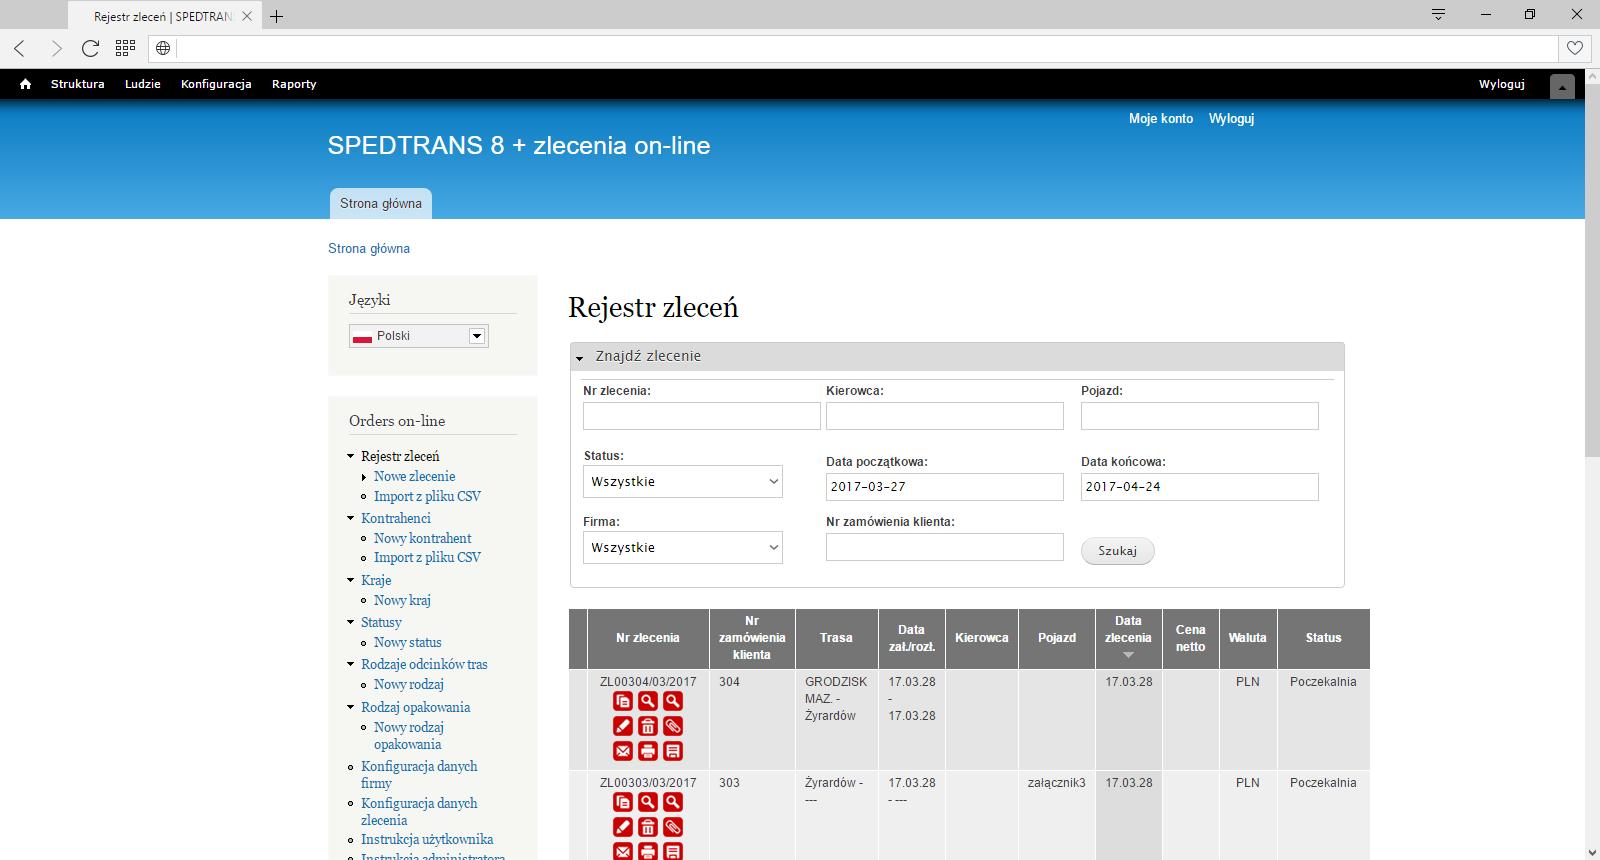 SPEDTRANS 8 - zlecenia on-line, moduł www